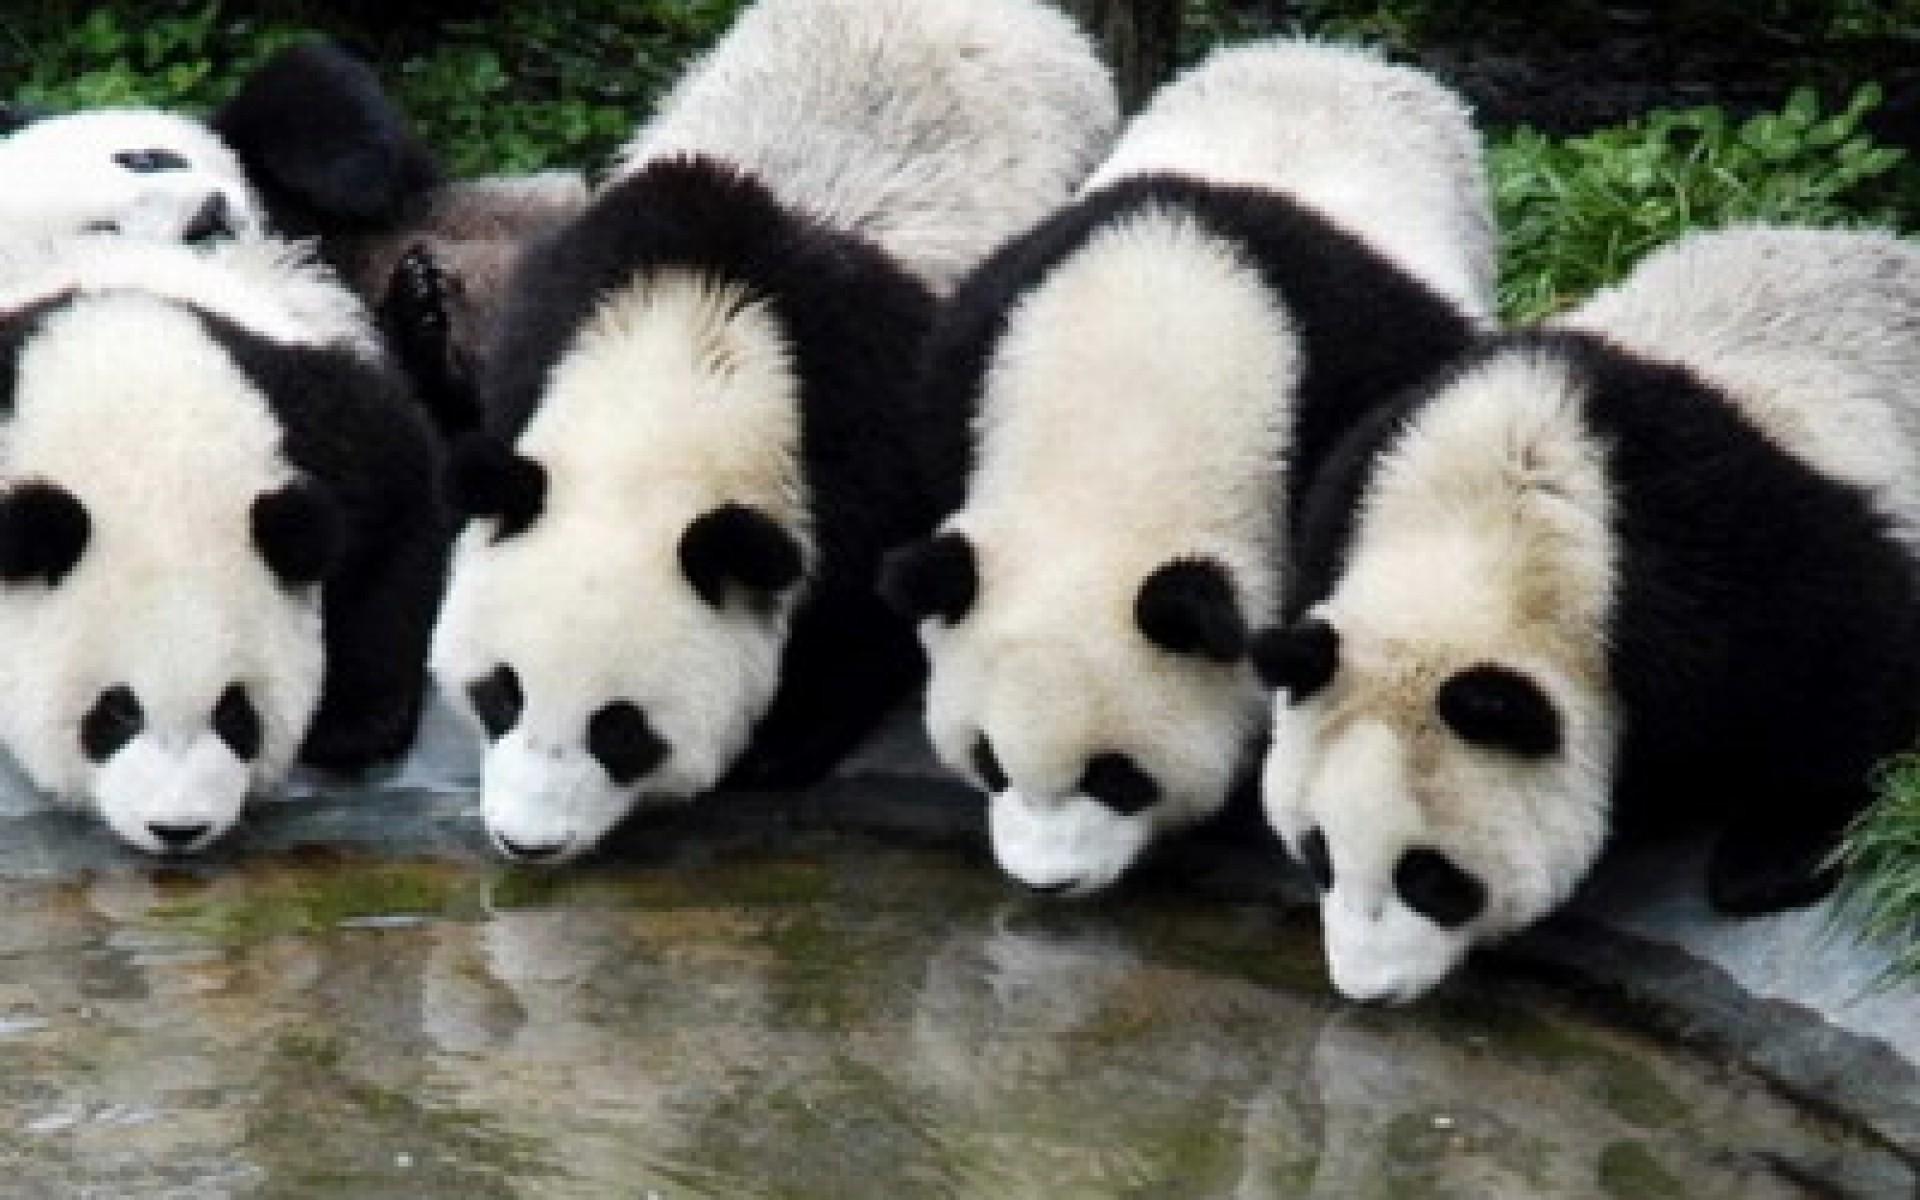 Panda Wallpapers, HD Panda Wallpapers Download Free 1920×1080 Panda Images  Wallpapers (34